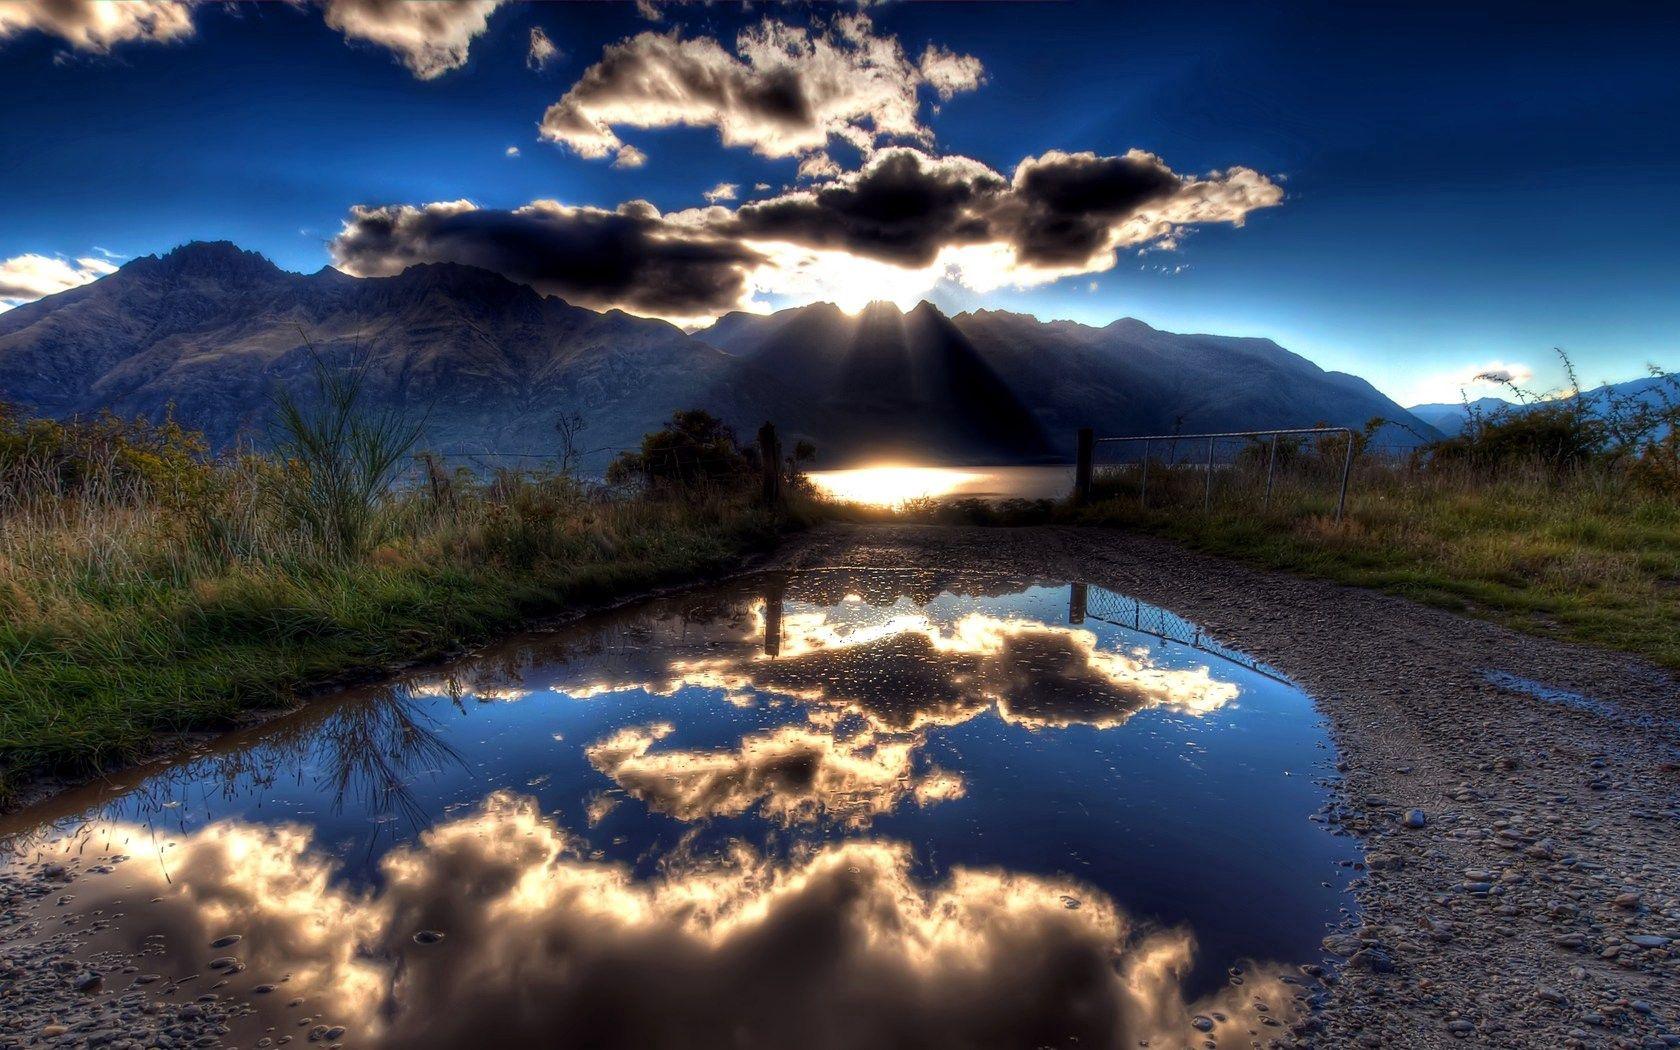 153971 fond d'écran 1080x2400 sur votre téléphone gratuitement, téléchargez des images Nature, Sky, Montagnes, Sun, Nuages, Lac, Réflexion, Briller, Lumière, Ombre, Ombres 1080x2400 sur votre mobile